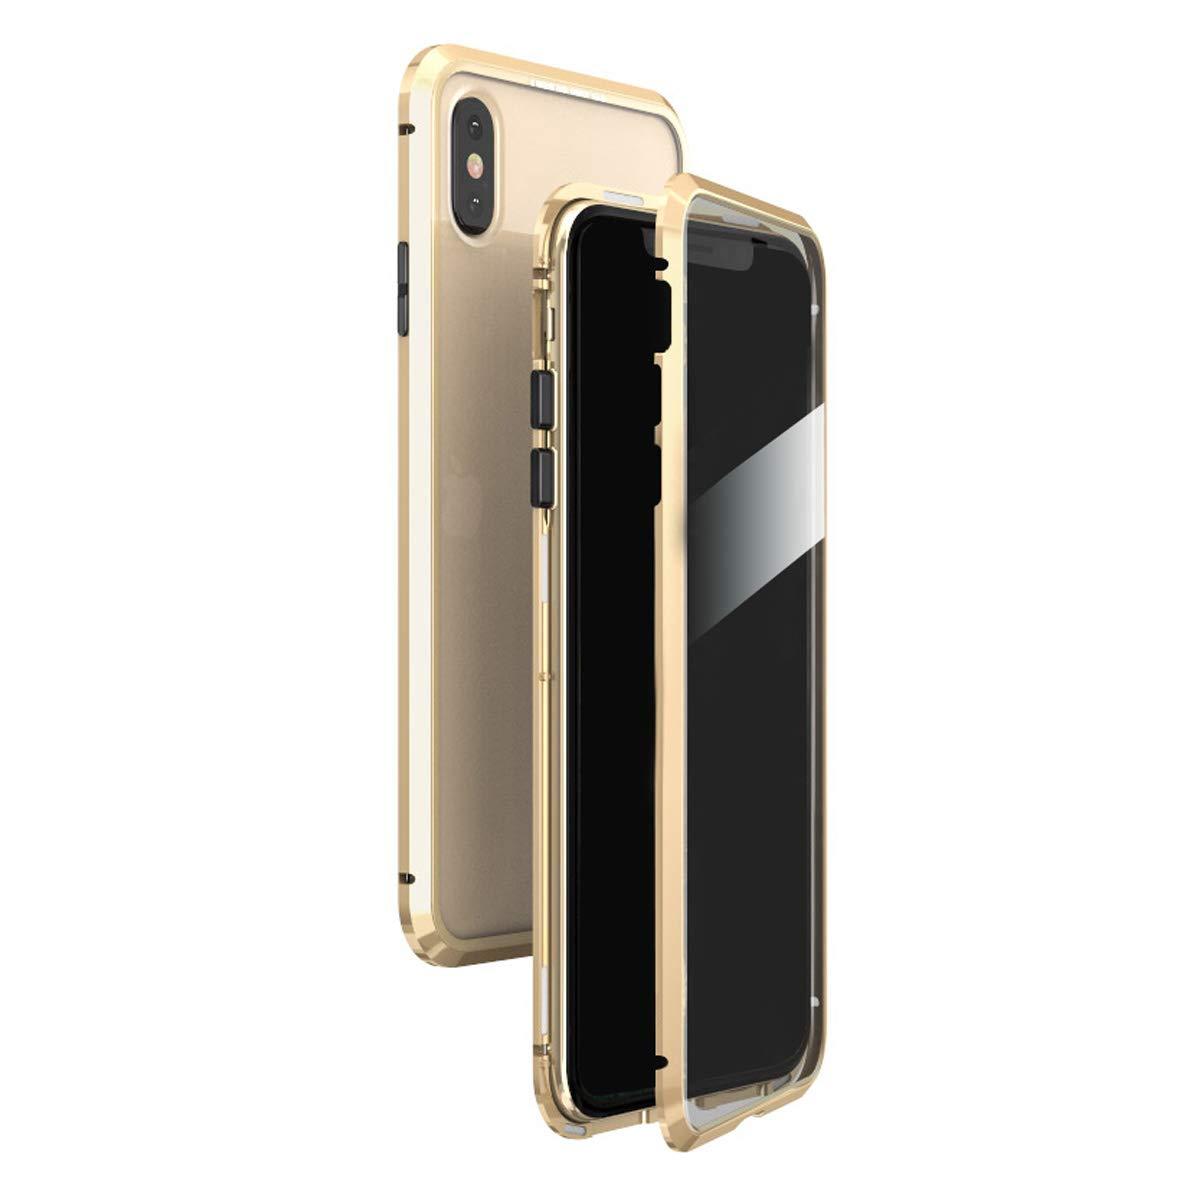 LUPHIE ルフィ iPhoneXs Max ケース マグネティック バンパーケース 9H強化ガラス (iPhoneXs Max, ゴールド)